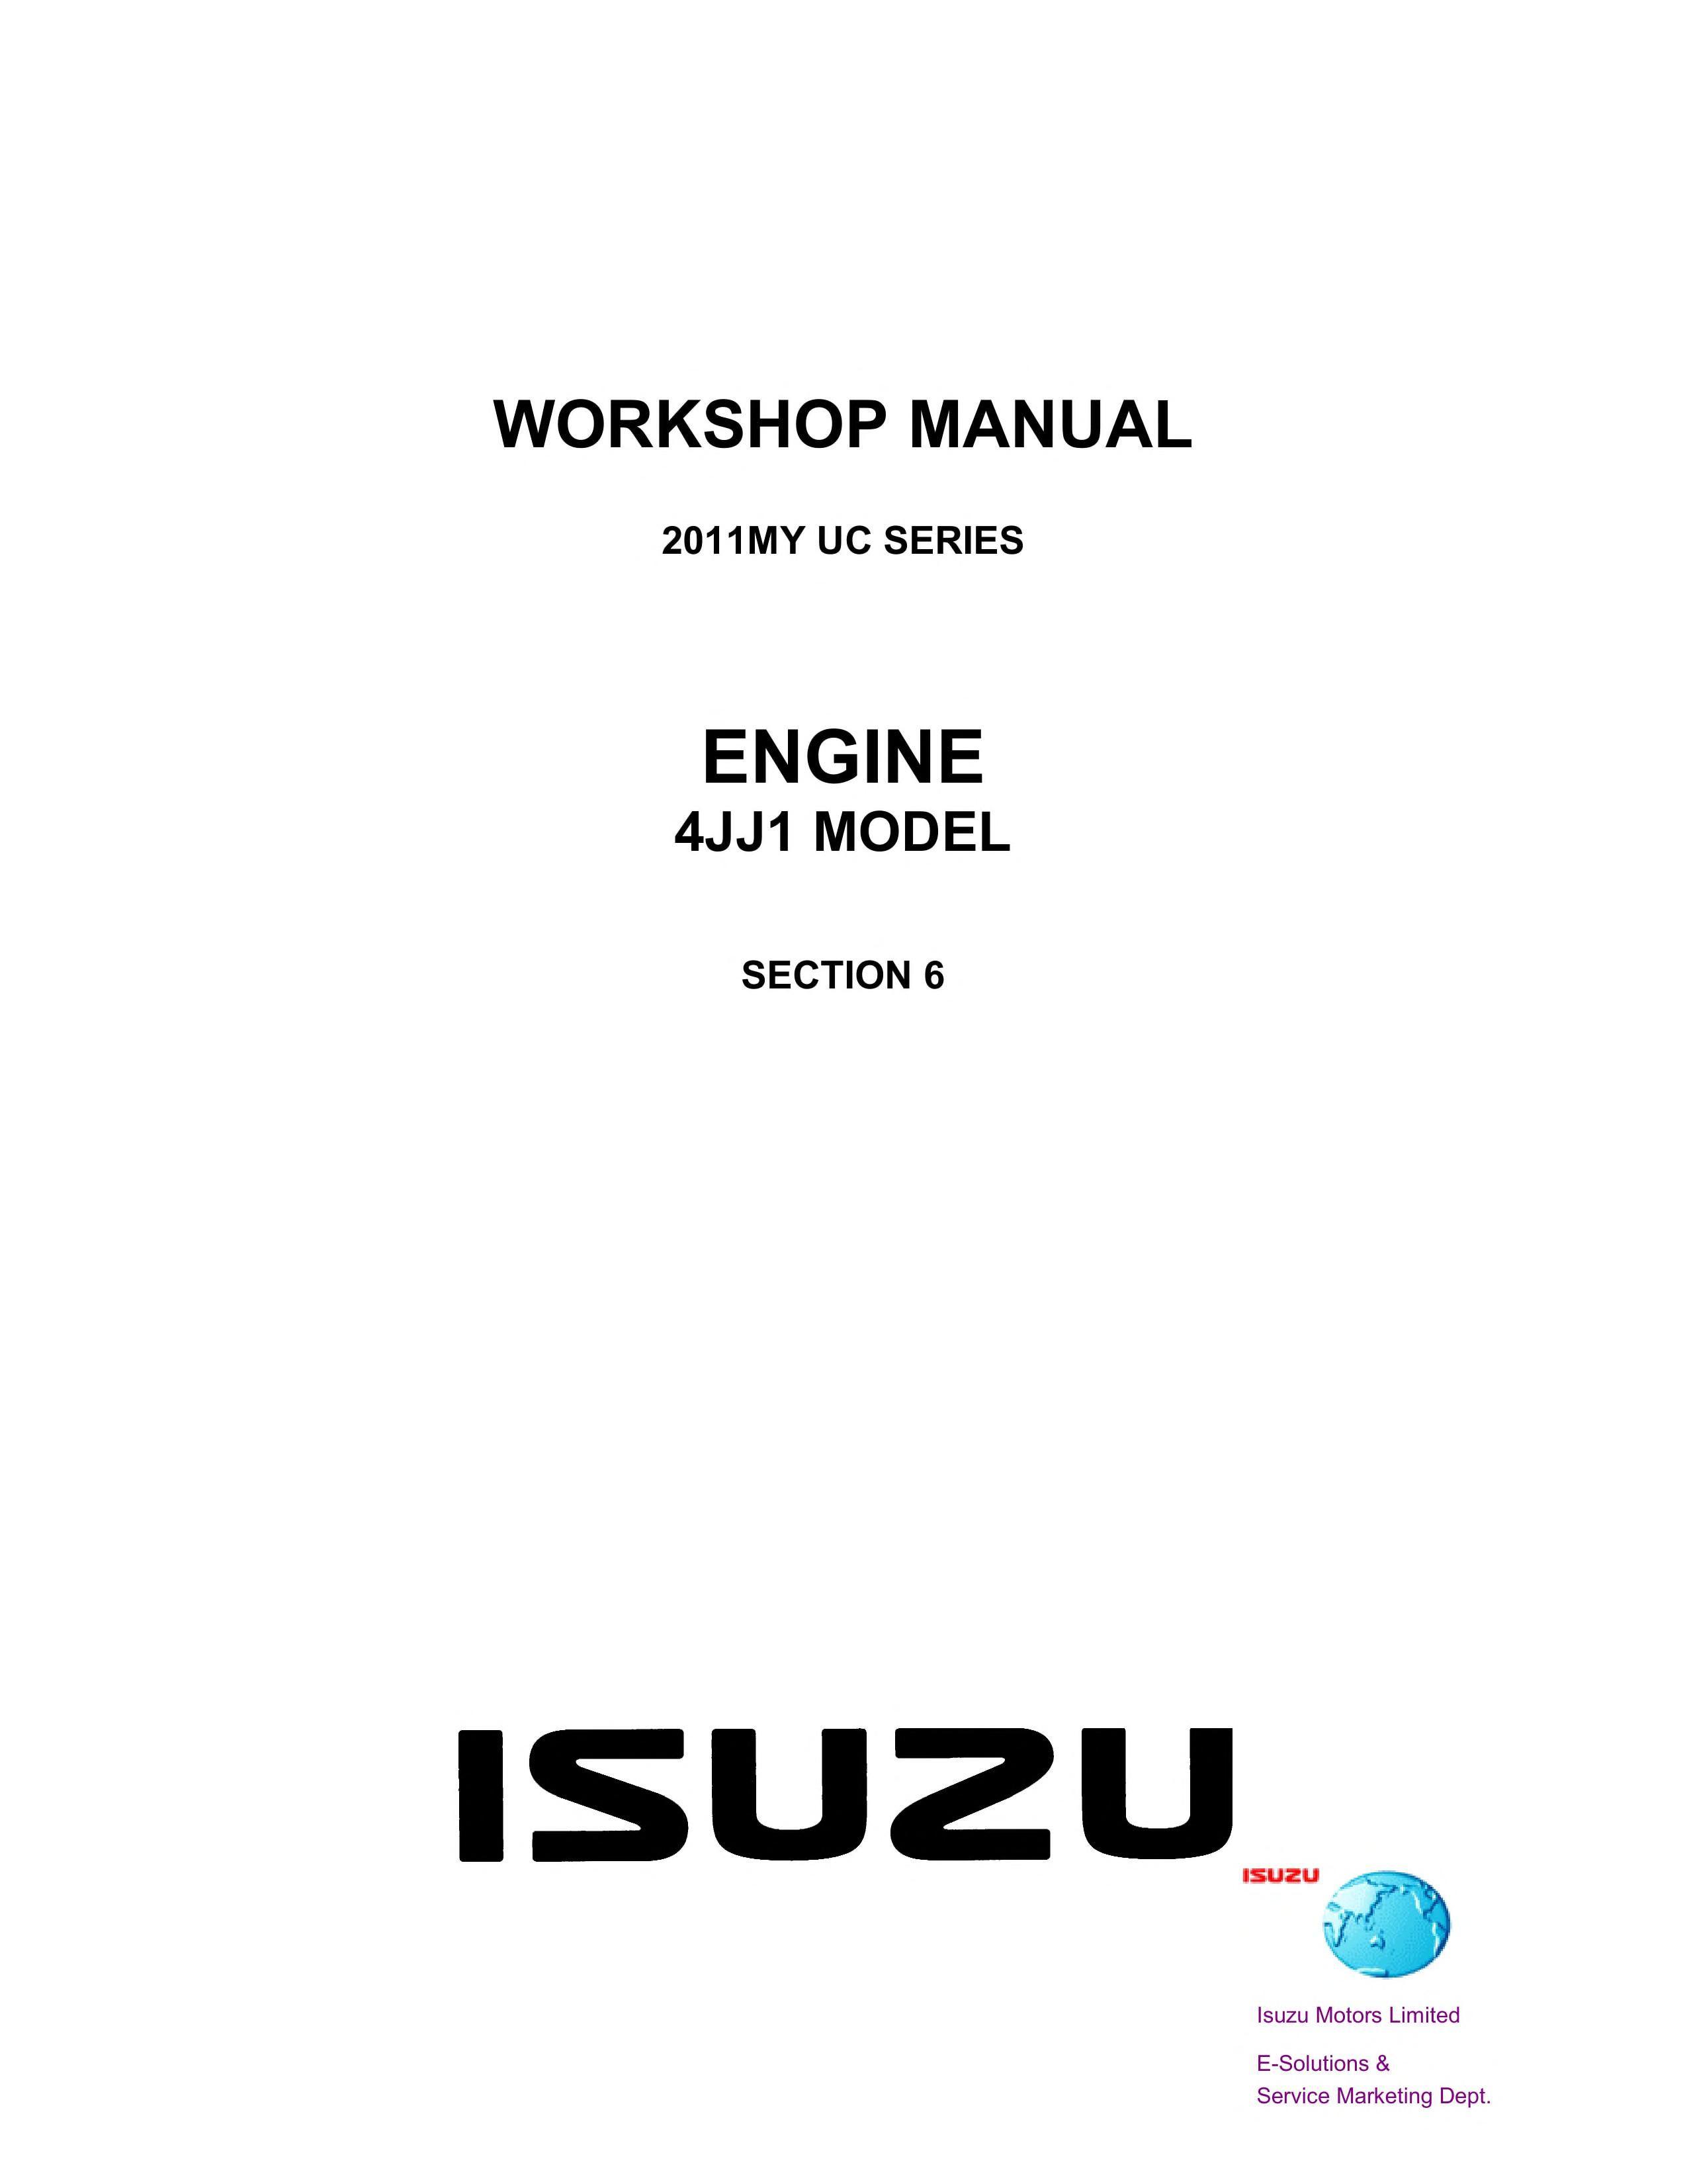 medium resolution of isuzu d max 2011 4jj1 engine service manual pdf pdfy mirror